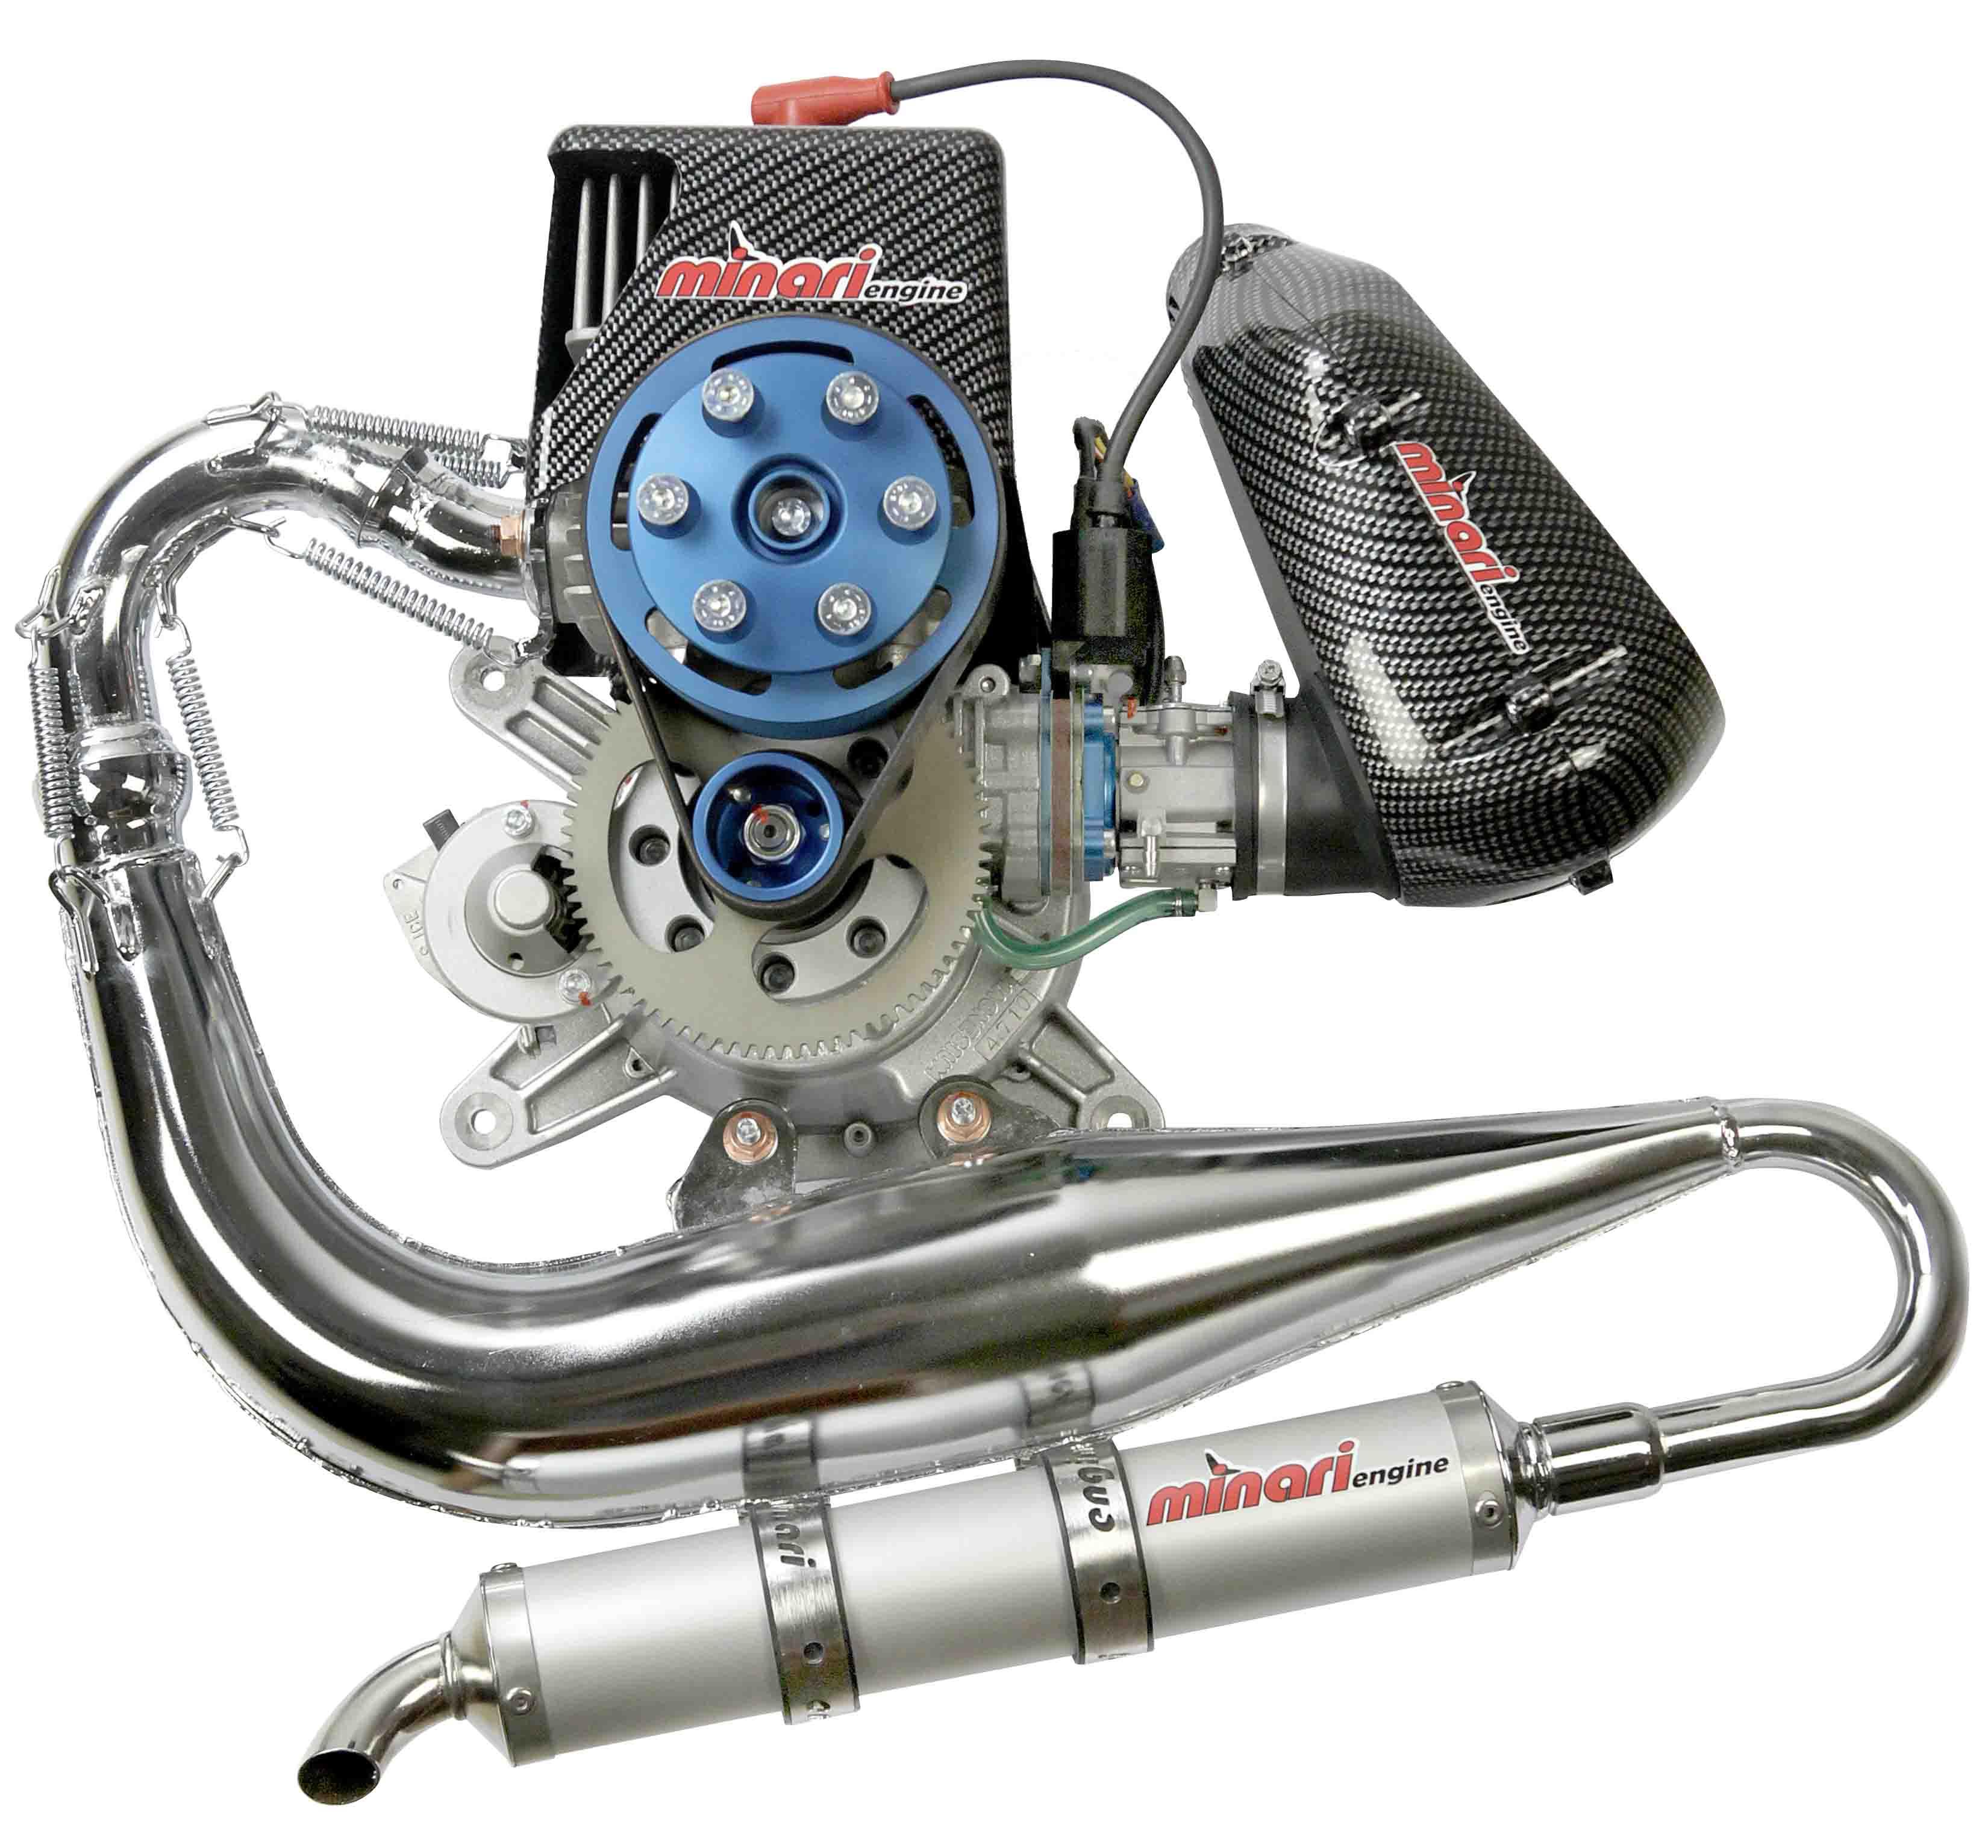 F1 Force 180 cc